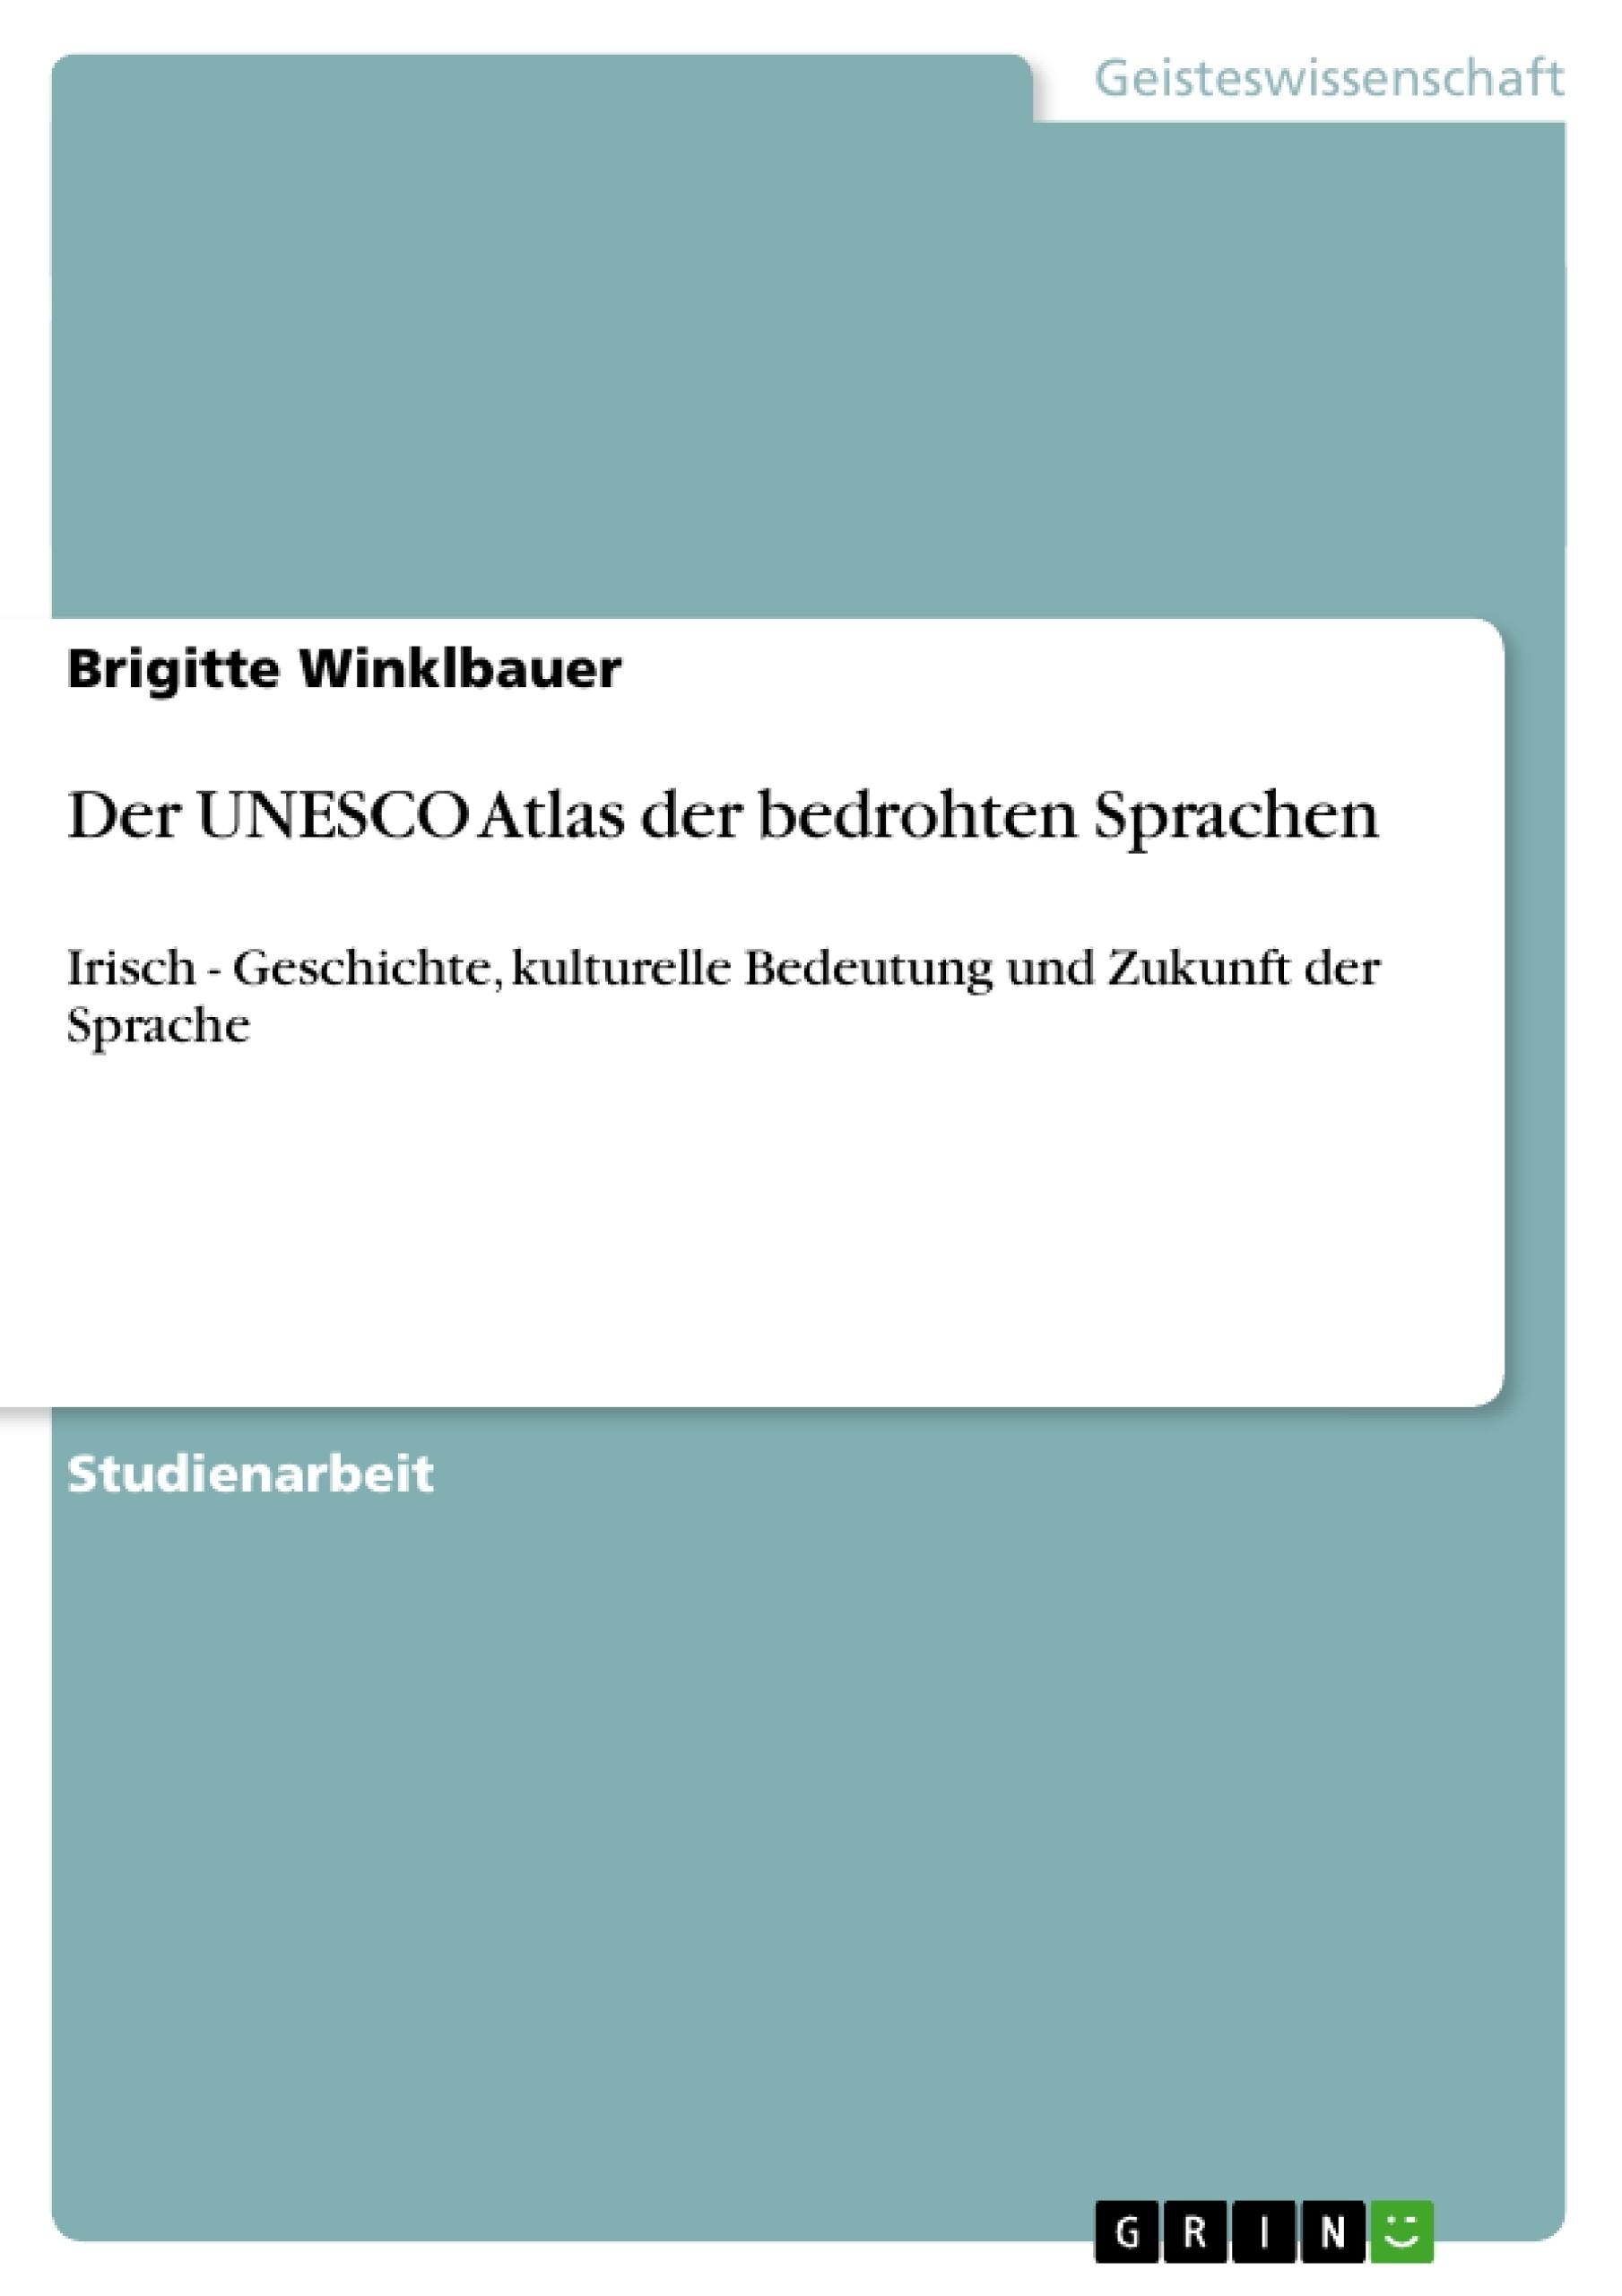 Titel: Der UNESCO Atlas der bedrohten Sprachen